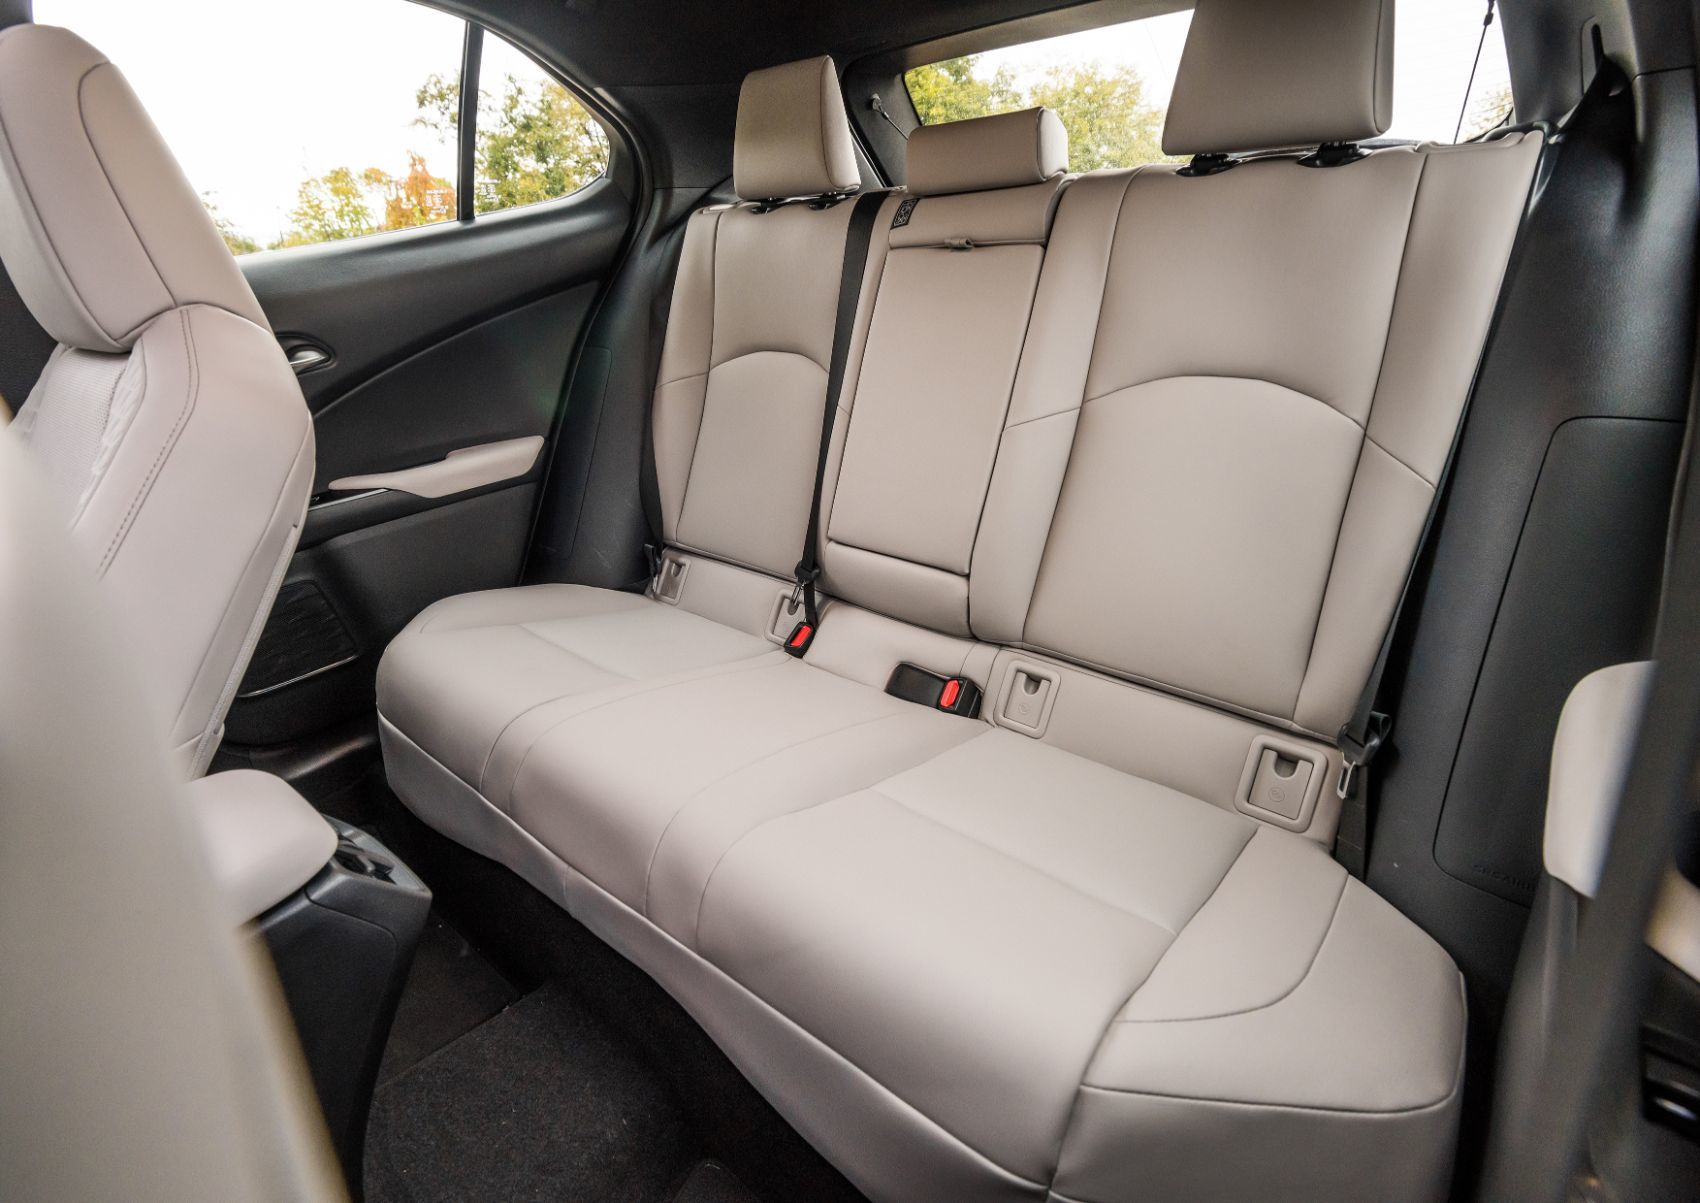 Lexus UX rear seat layout.